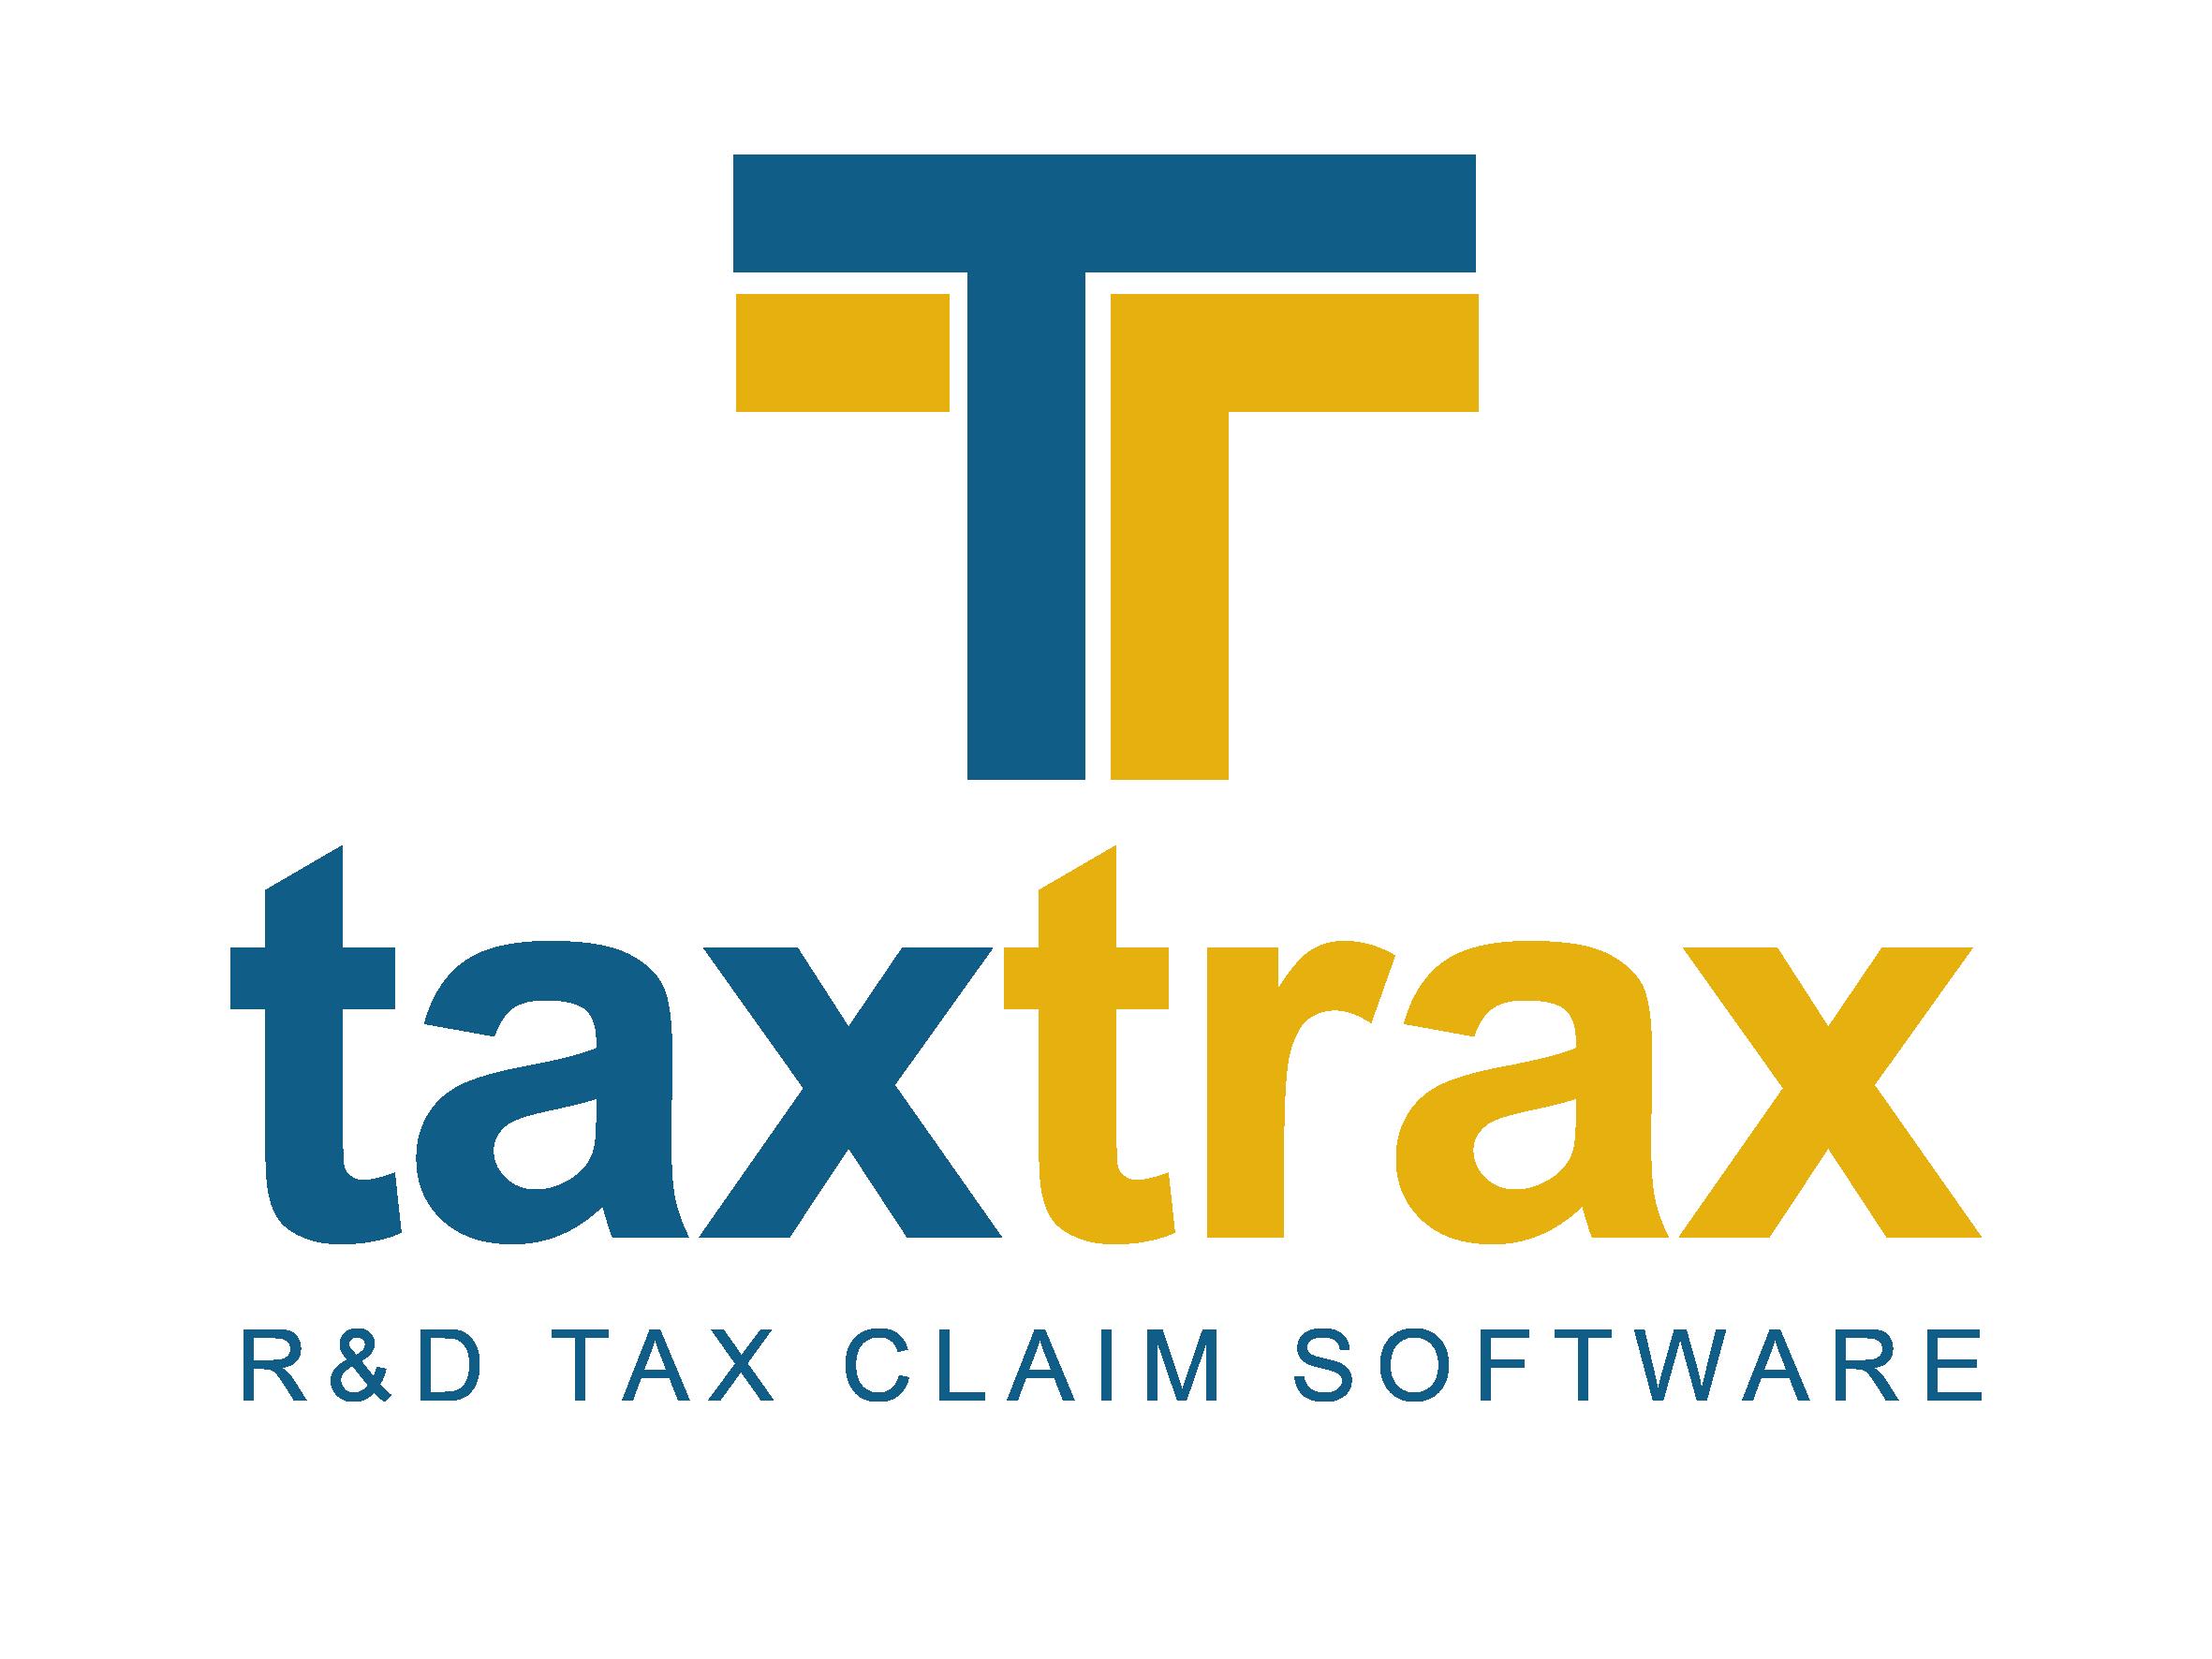 TaxTrax-Logo-Tagline-01